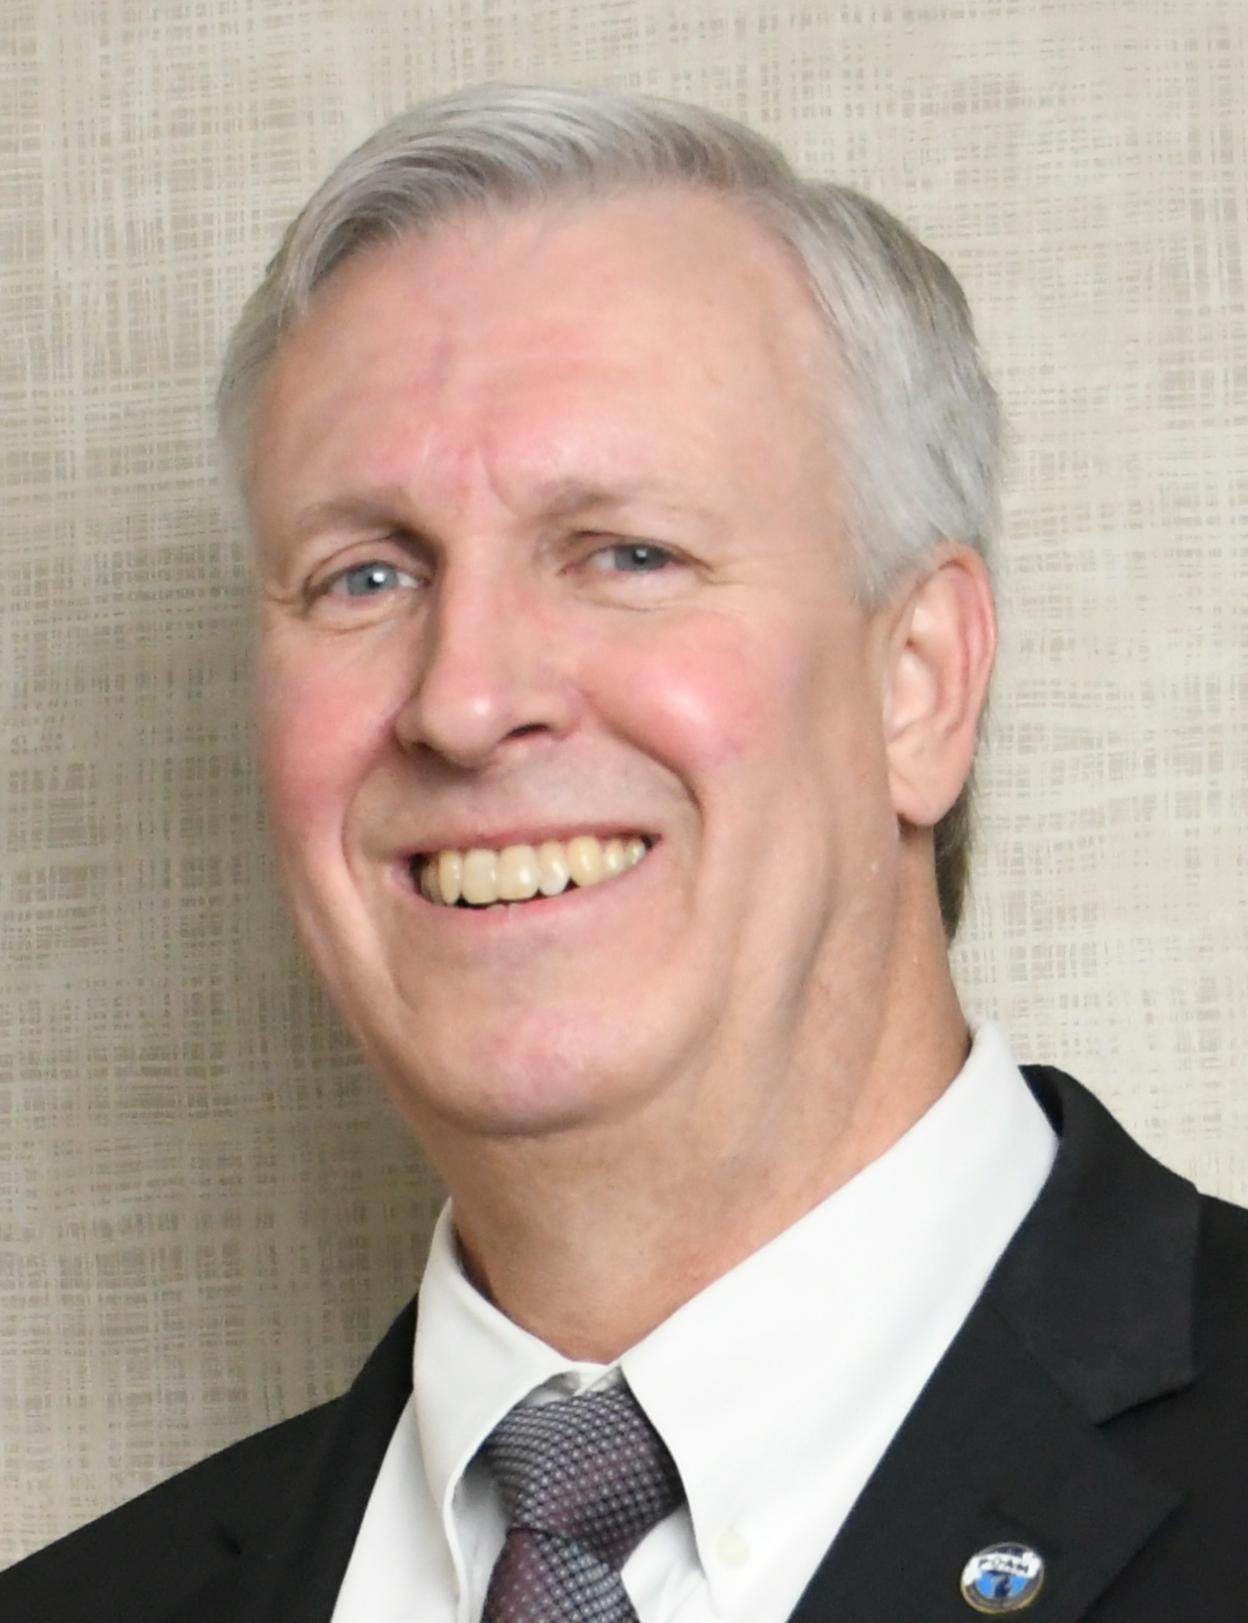 Kevin Loftis